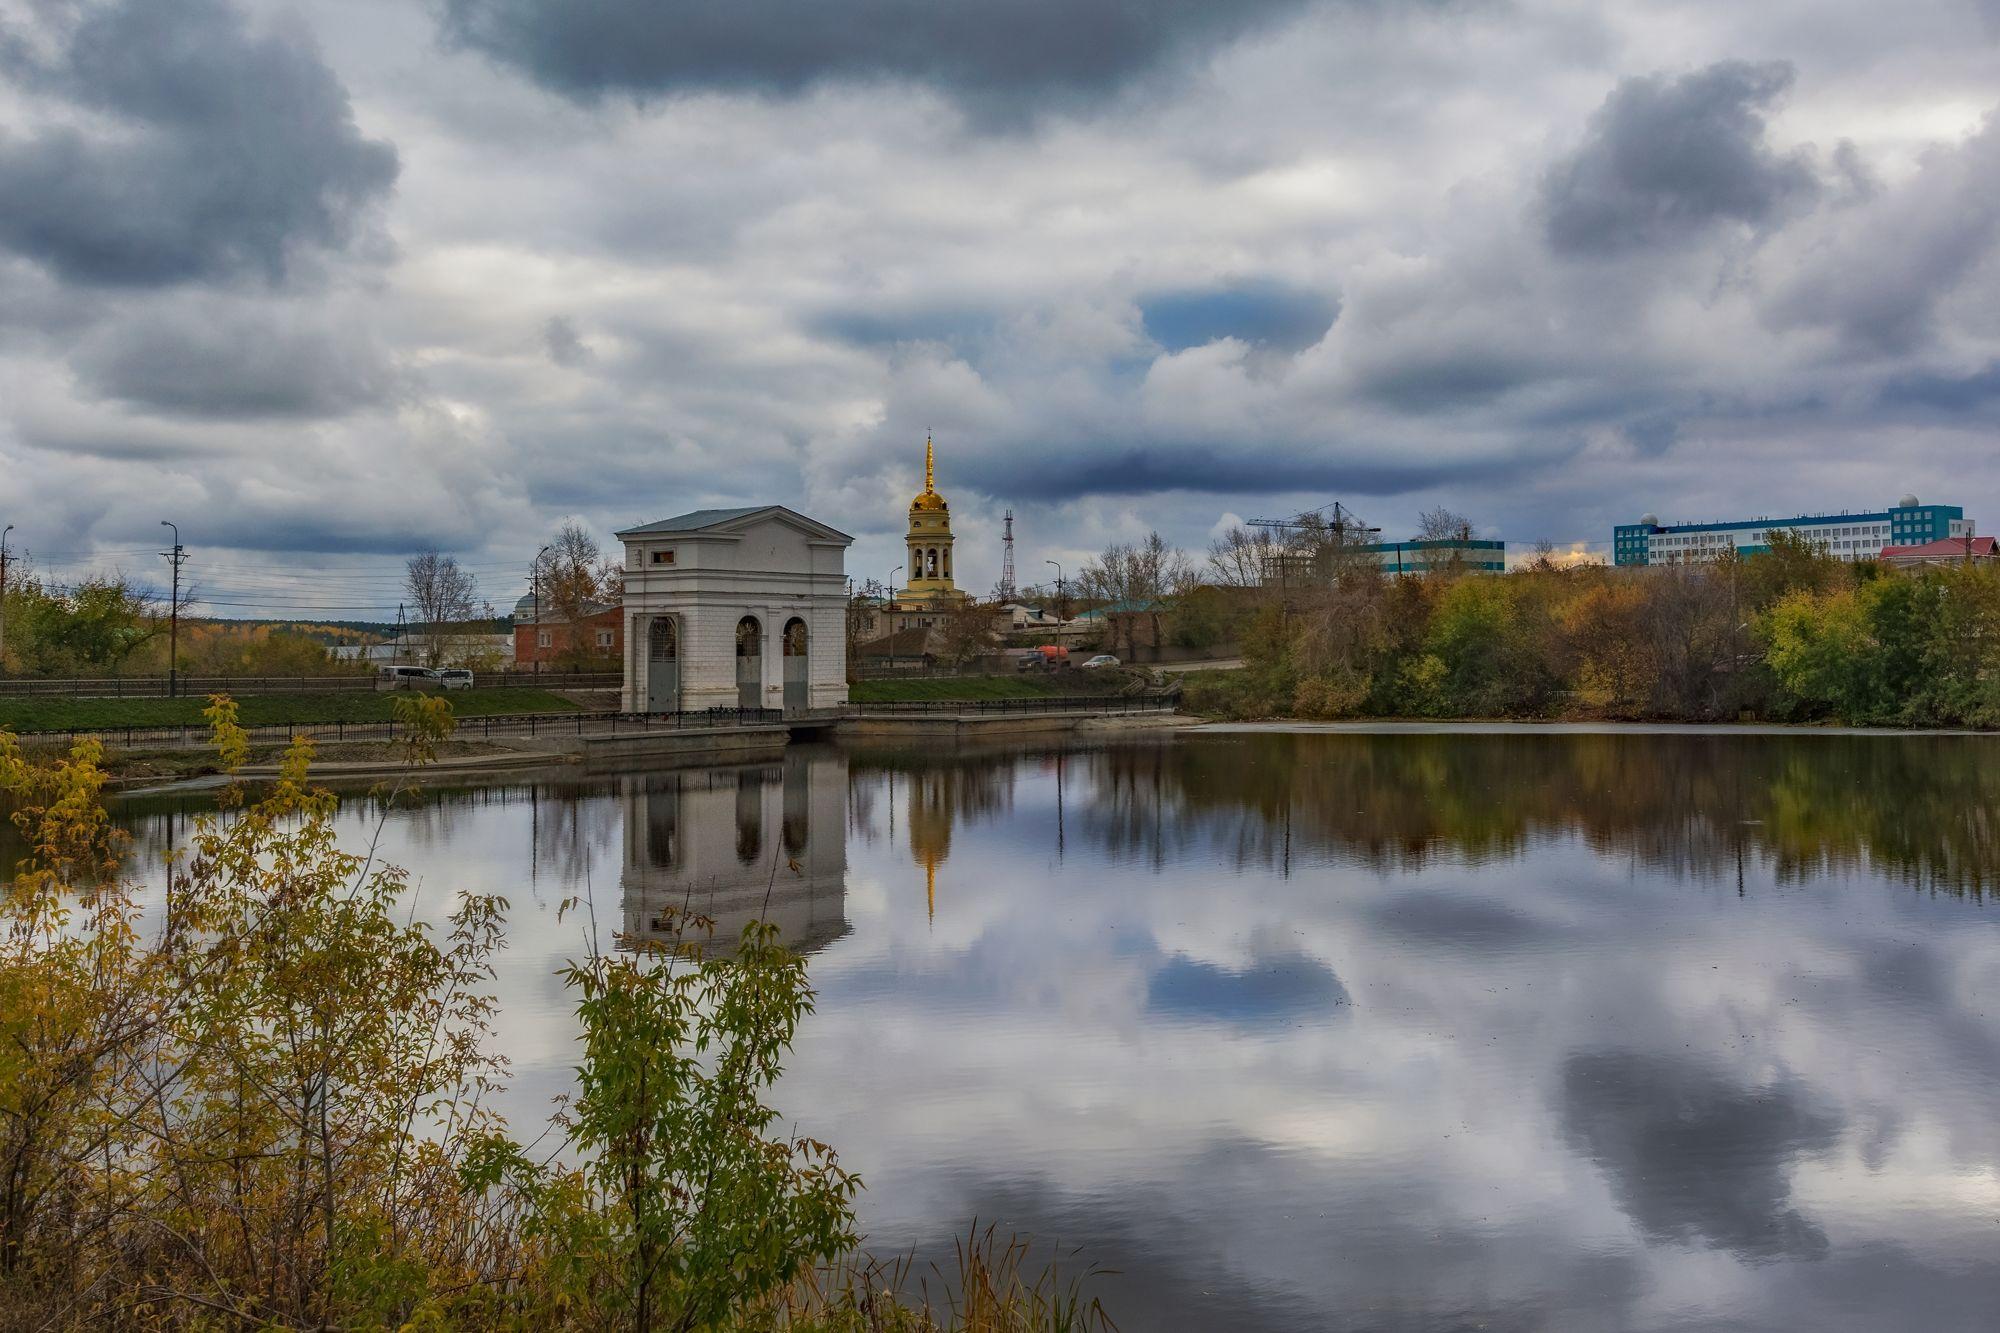 Плотина на реке Каменка, Каменск-Уральский, Свердловская область